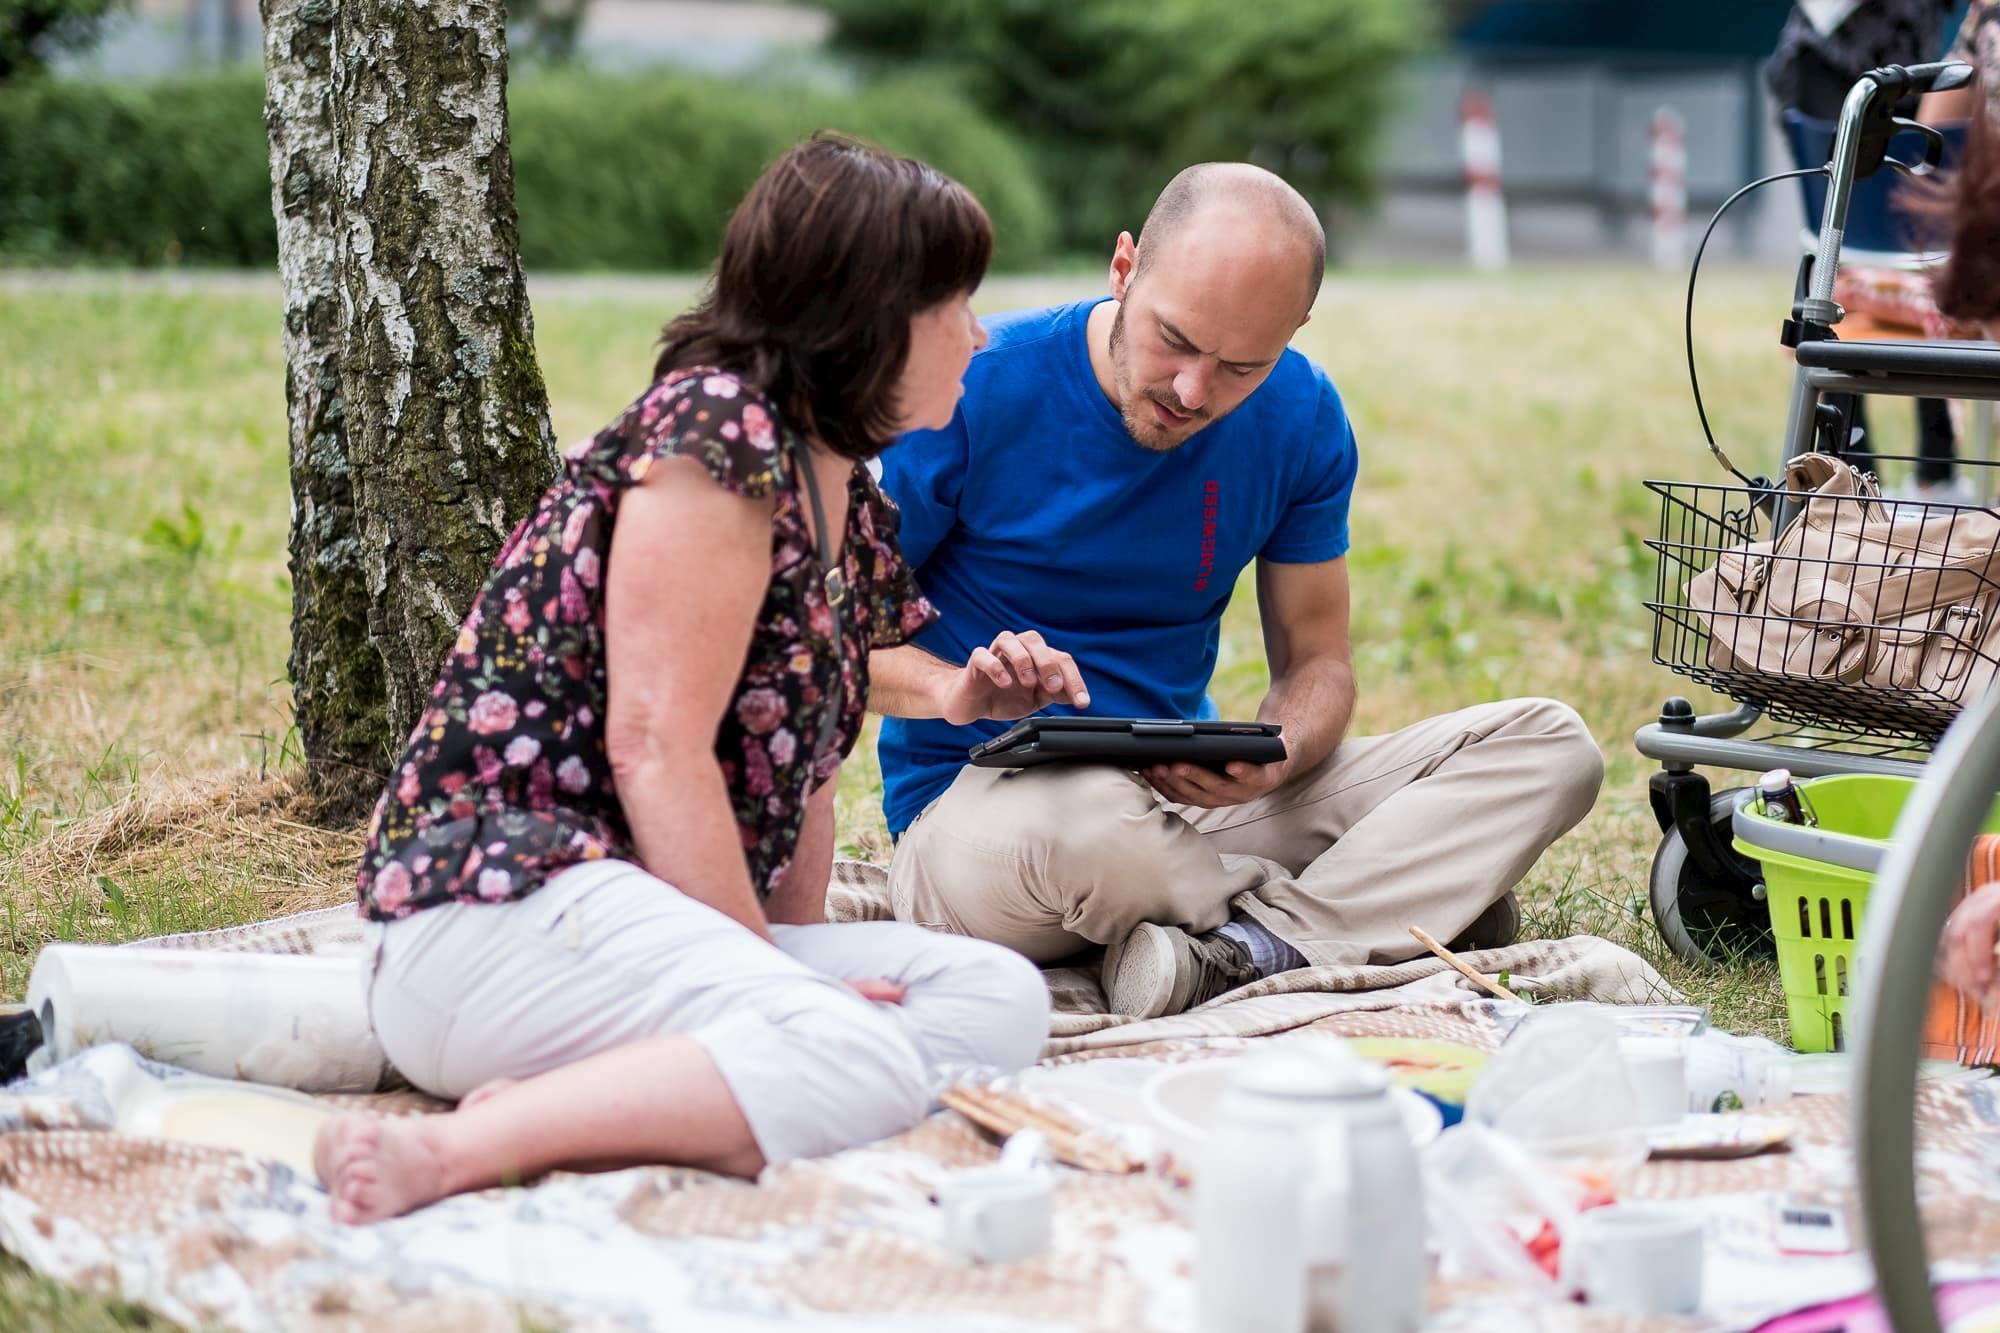 Der Betreuer der Befragung sitzt gemeinsam mit einer Frau im Park auf einer Decke und erklärt ihr die Funktionen des Tablets